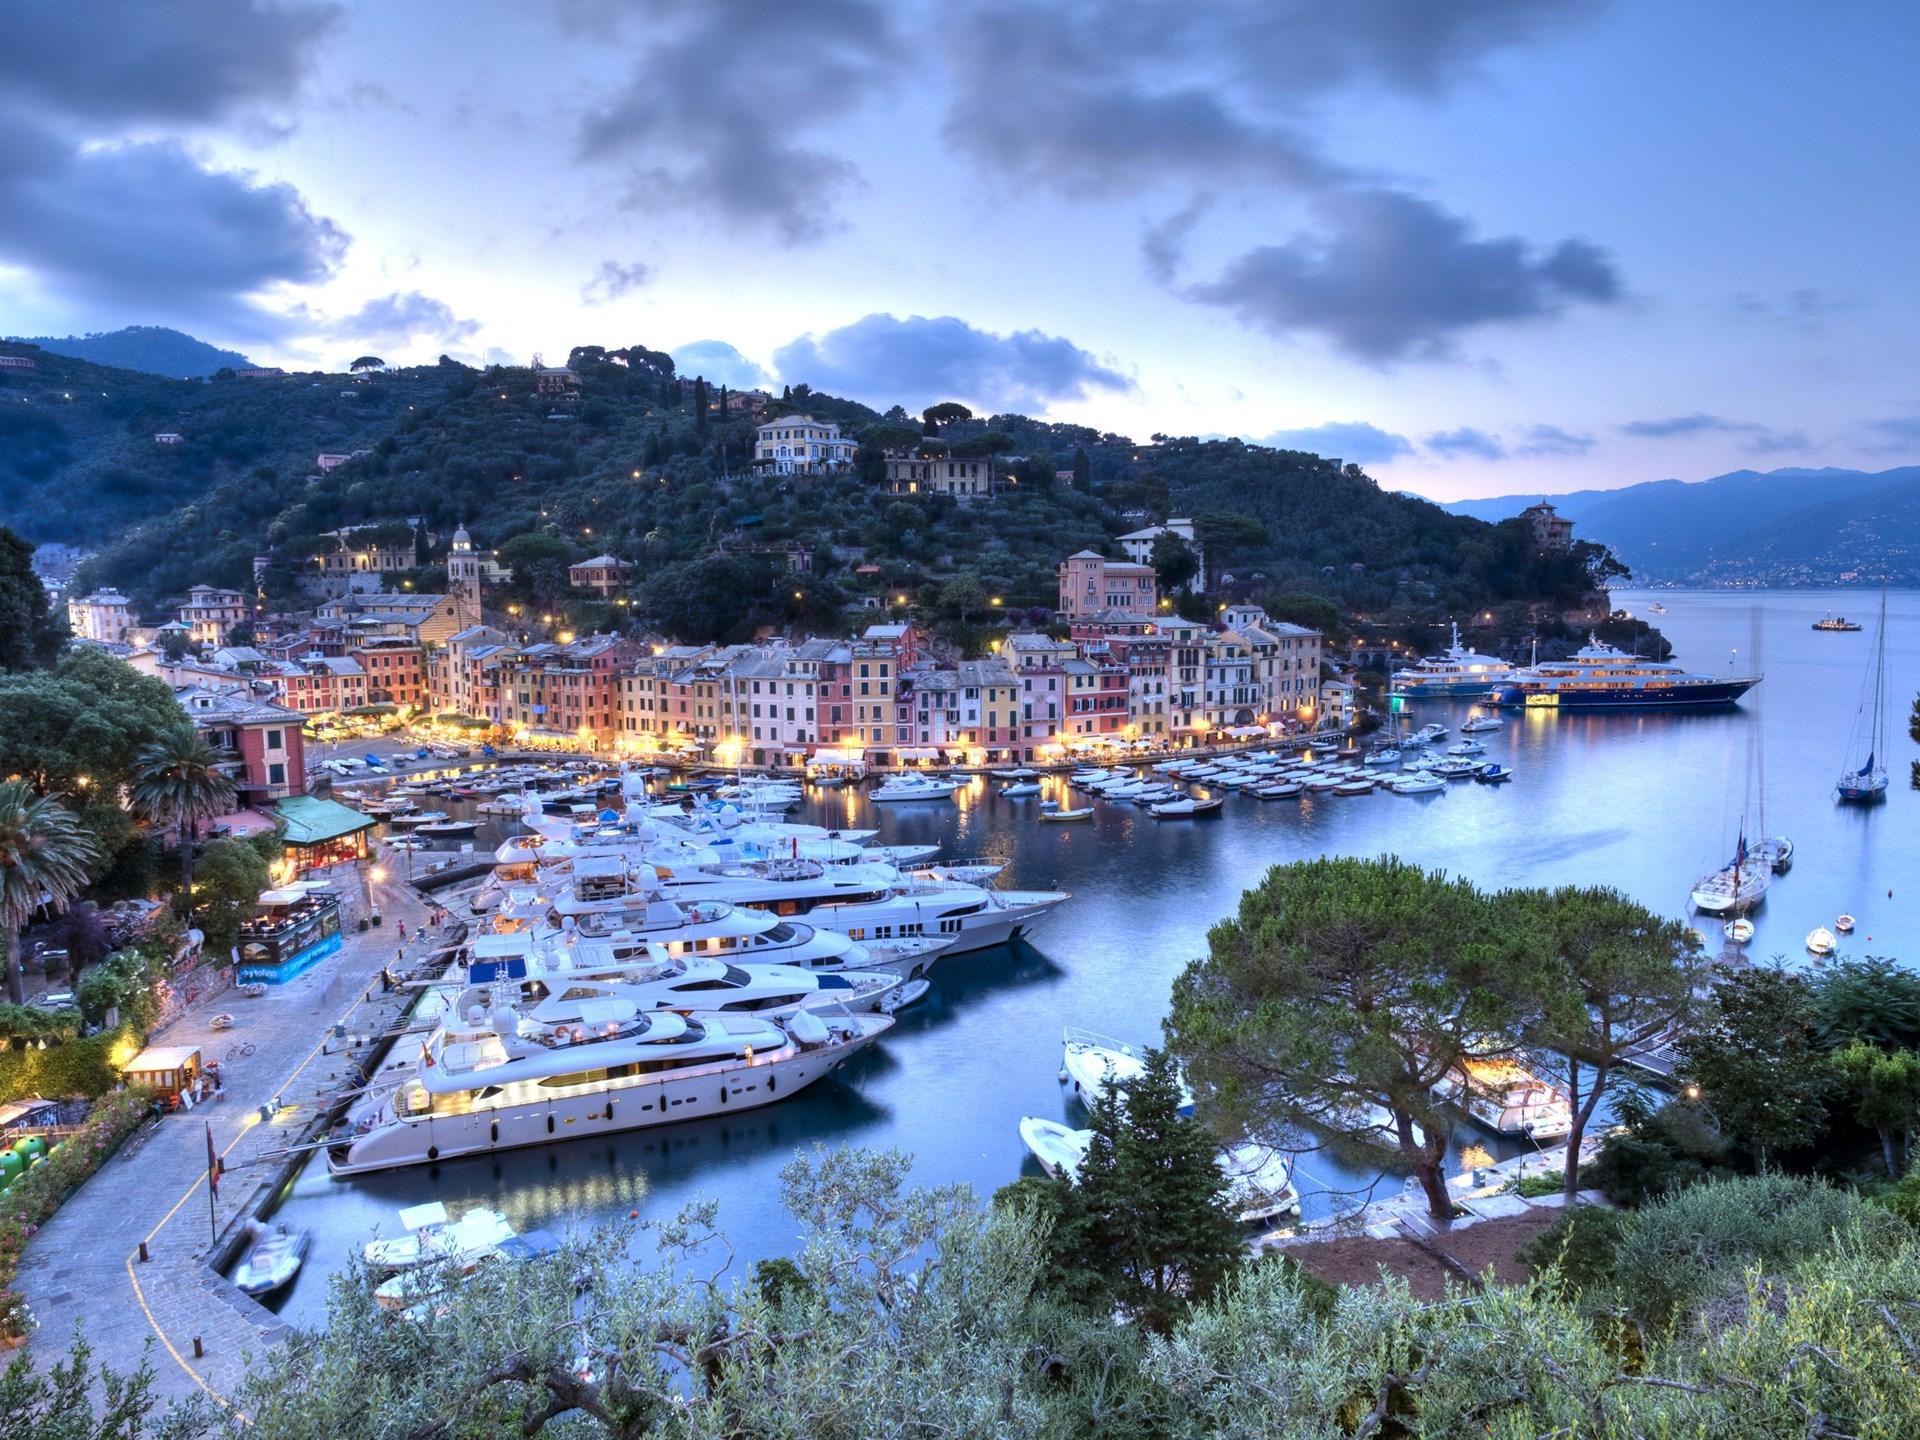 Reserva Real Portofino bavaro punta cana